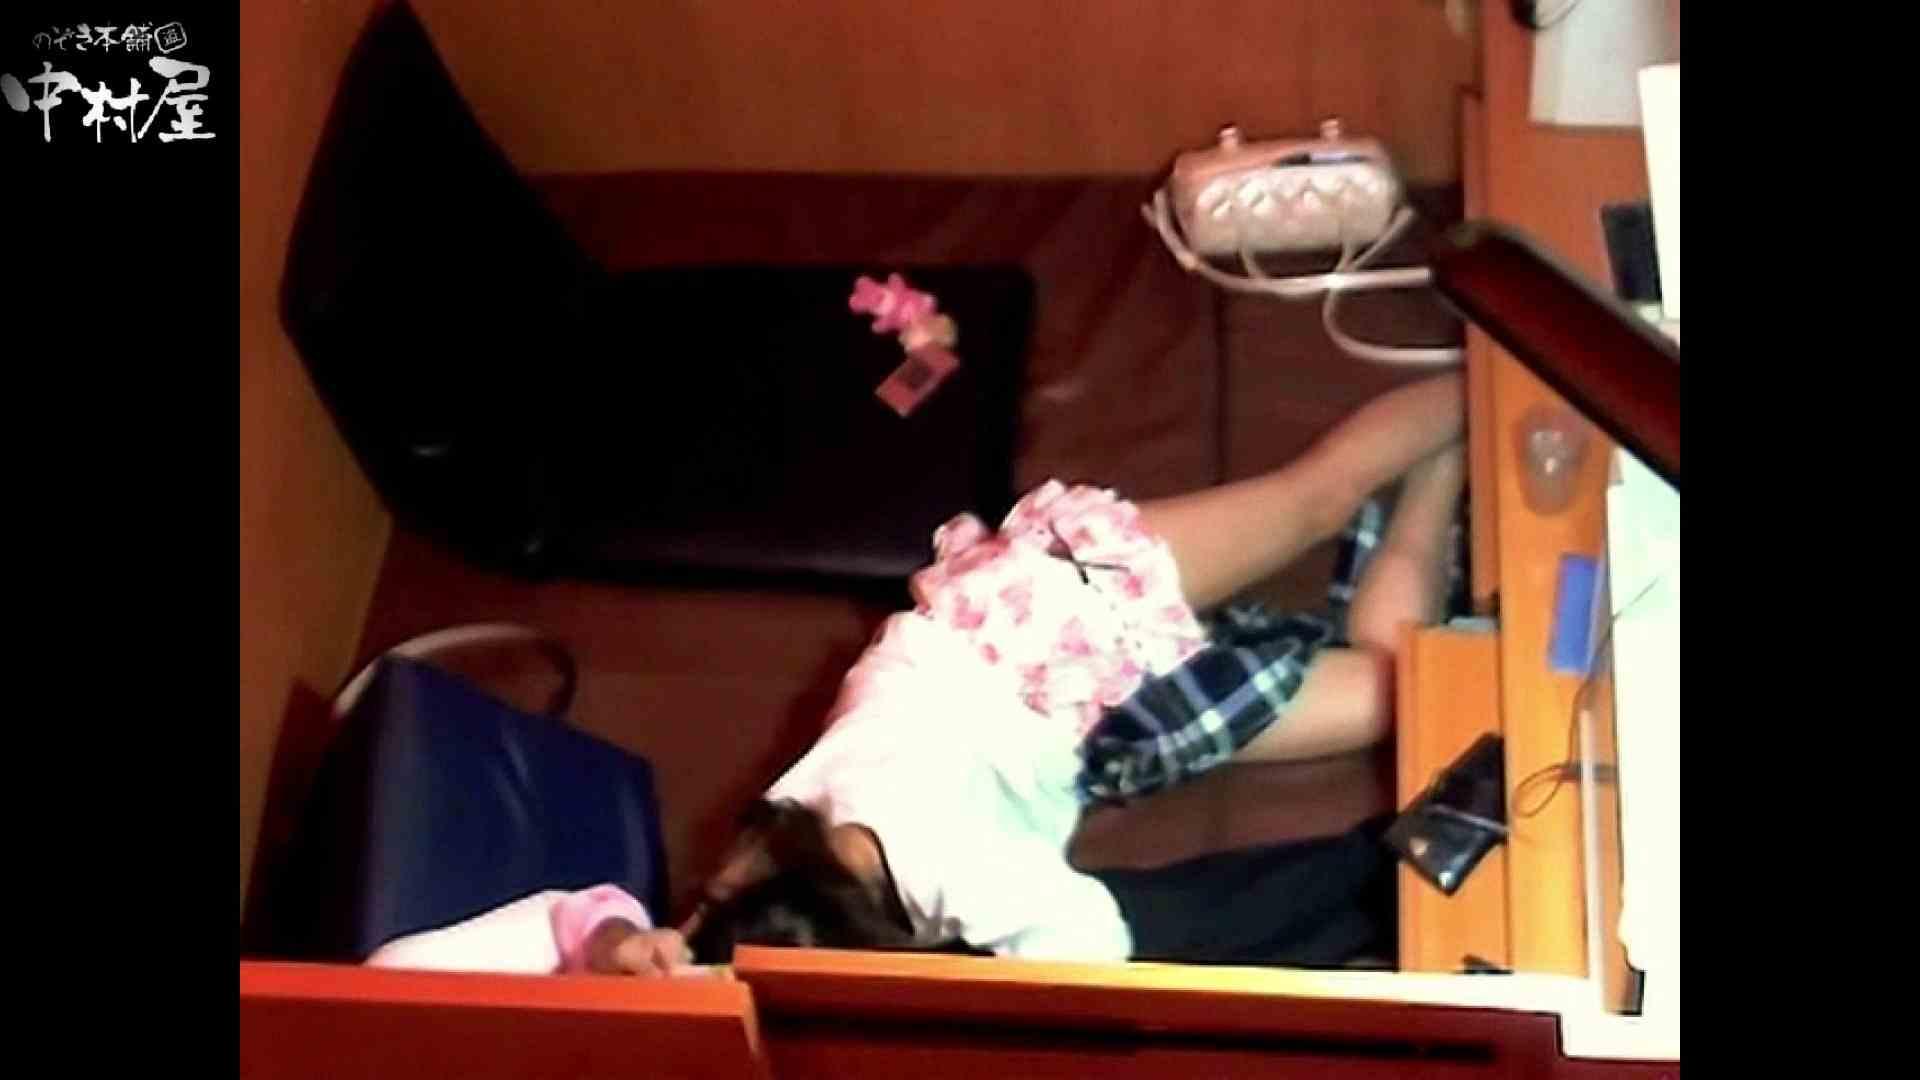 ネットカフェ盗撮師トロントさんの 素人カップル盗撮記vol.9 乳首 | フェラチオ  71連発 41